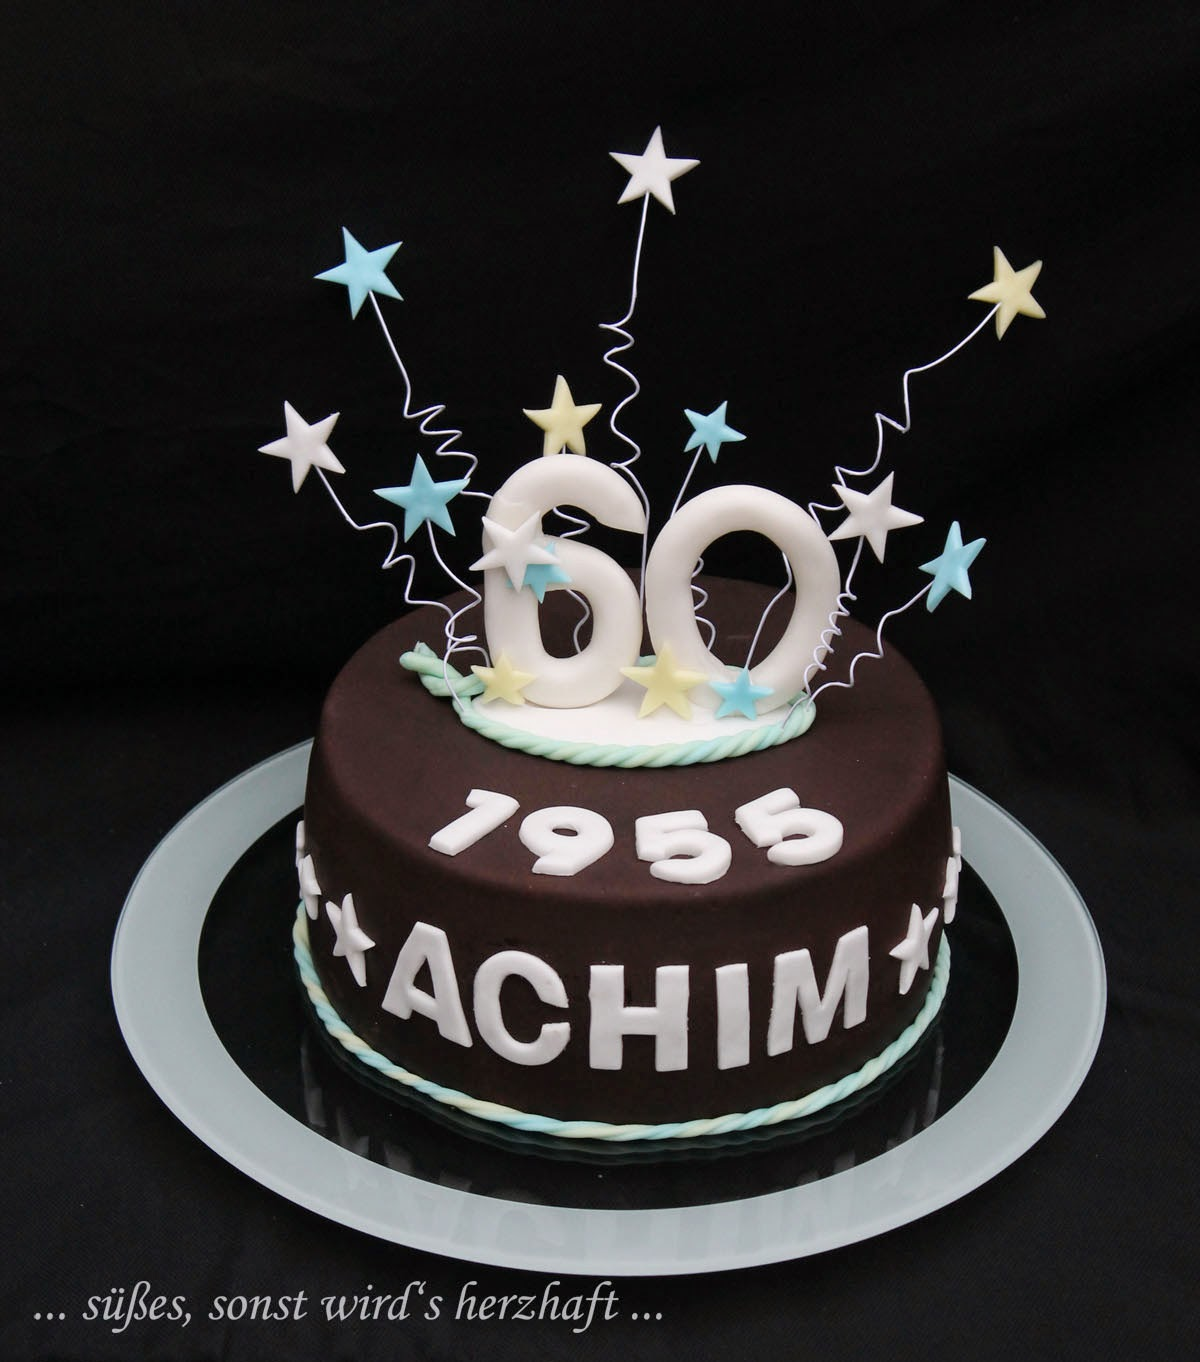 Süßes Sonst Wird S Herzhaft Schnelle Geburtstagstorte Zum 60